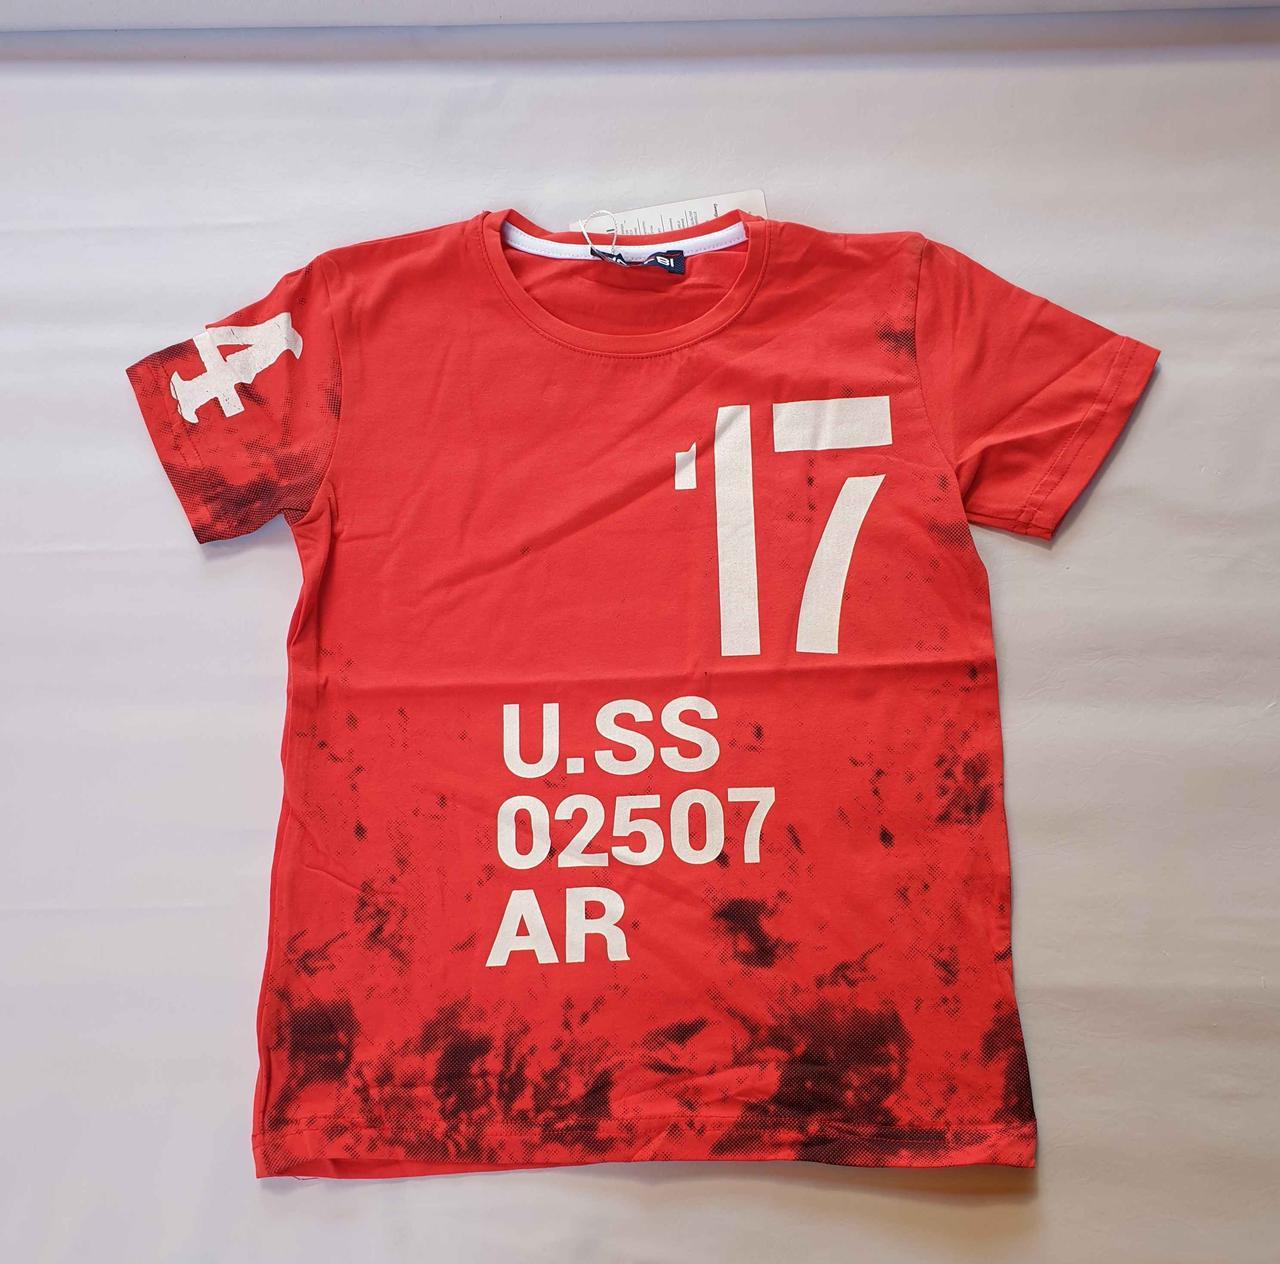 Футболка на мальчиков 152,158,164 роста U.SS красная